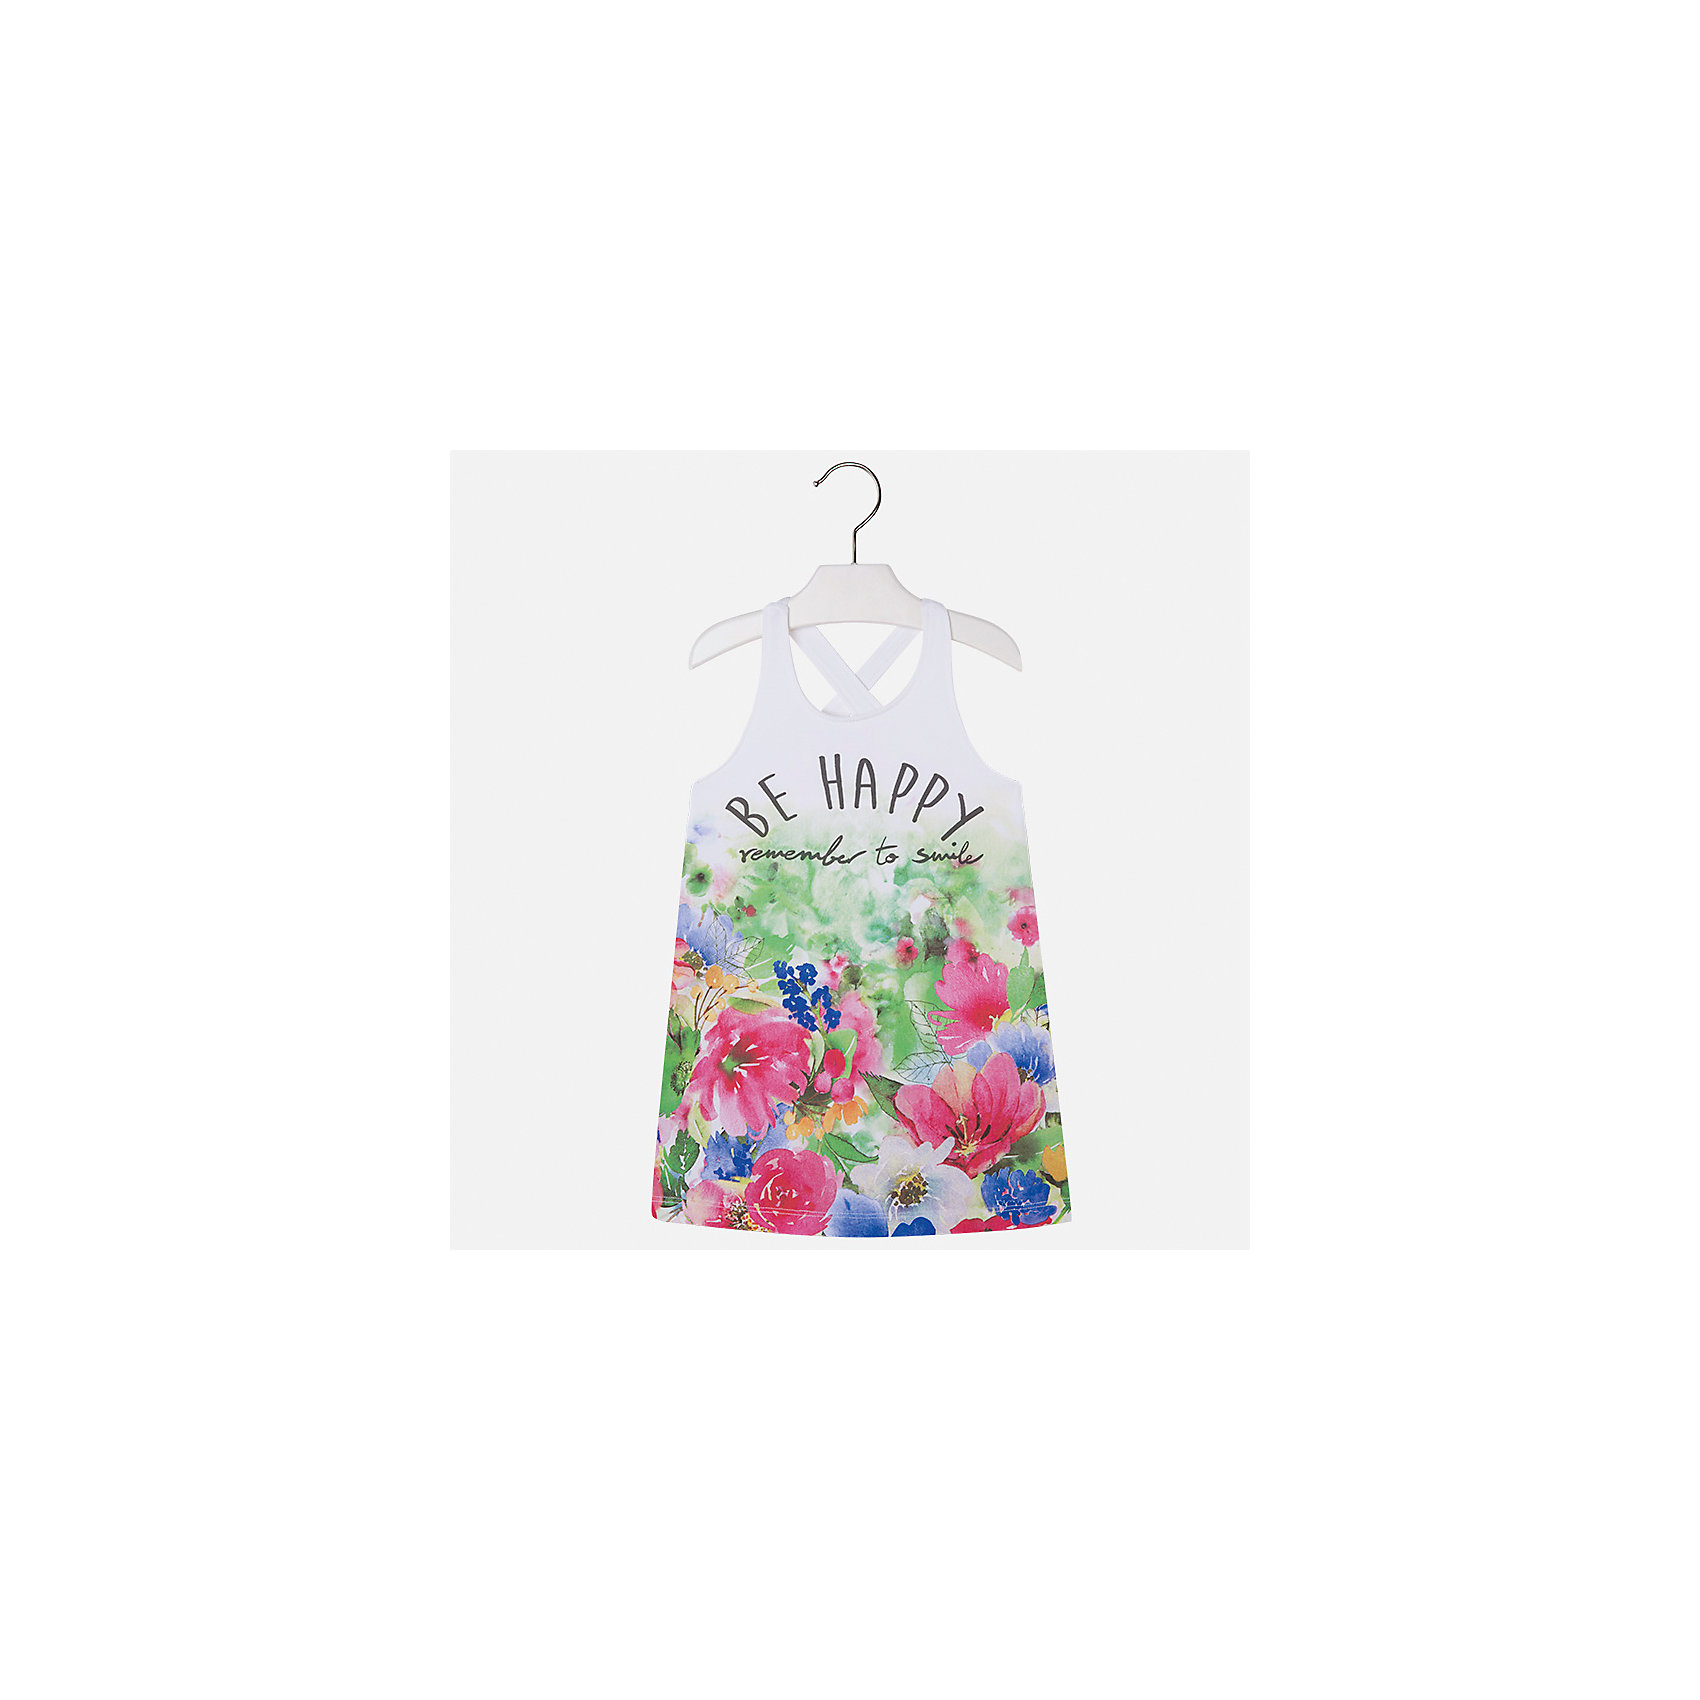 Платье для девочки MayoralВесенняя капель<br>Характеристики товара:<br><br>• цвет: мультиколор<br>• состав: 92% хлопок, 8% эластан<br>• без застежки<br>• принт<br>• без рукавов<br>• без подкладки<br>• страна бренда: Испания<br><br>Модное красивое платье для девочки поможет разнообразить гардероб ребенка и создать эффектный наряд. Оно отлично подойдет для различных случаев. Красивый оттенок позволяет подобрать к вещи обувь разных расцветок. Платье хорошо сидит по фигуре. . В составе материала - натуральный хлопок, гипоаллергенный, приятный на ощупь, дышащий.<br><br>Одежда, обувь и аксессуары от испанского бренда Mayoral полюбились детям и взрослым по всему миру. Модели этой марки - стильные и удобные. Для их производства используются только безопасные, качественные материалы и фурнитура. Порадуйте ребенка модными и красивыми вещами от Mayoral! <br><br>Платье для девочки от испанского бренда Mayoral (Майорал) можно купить в нашем интернет-магазине.<br><br>Ширина мм: 236<br>Глубина мм: 16<br>Высота мм: 184<br>Вес г: 177<br>Цвет: красный<br>Возраст от месяцев: 96<br>Возраст до месяцев: 108<br>Пол: Женский<br>Возраст: Детский<br>Размер: 134,92,104,110,116,122,128,98<br>SKU: 5292443